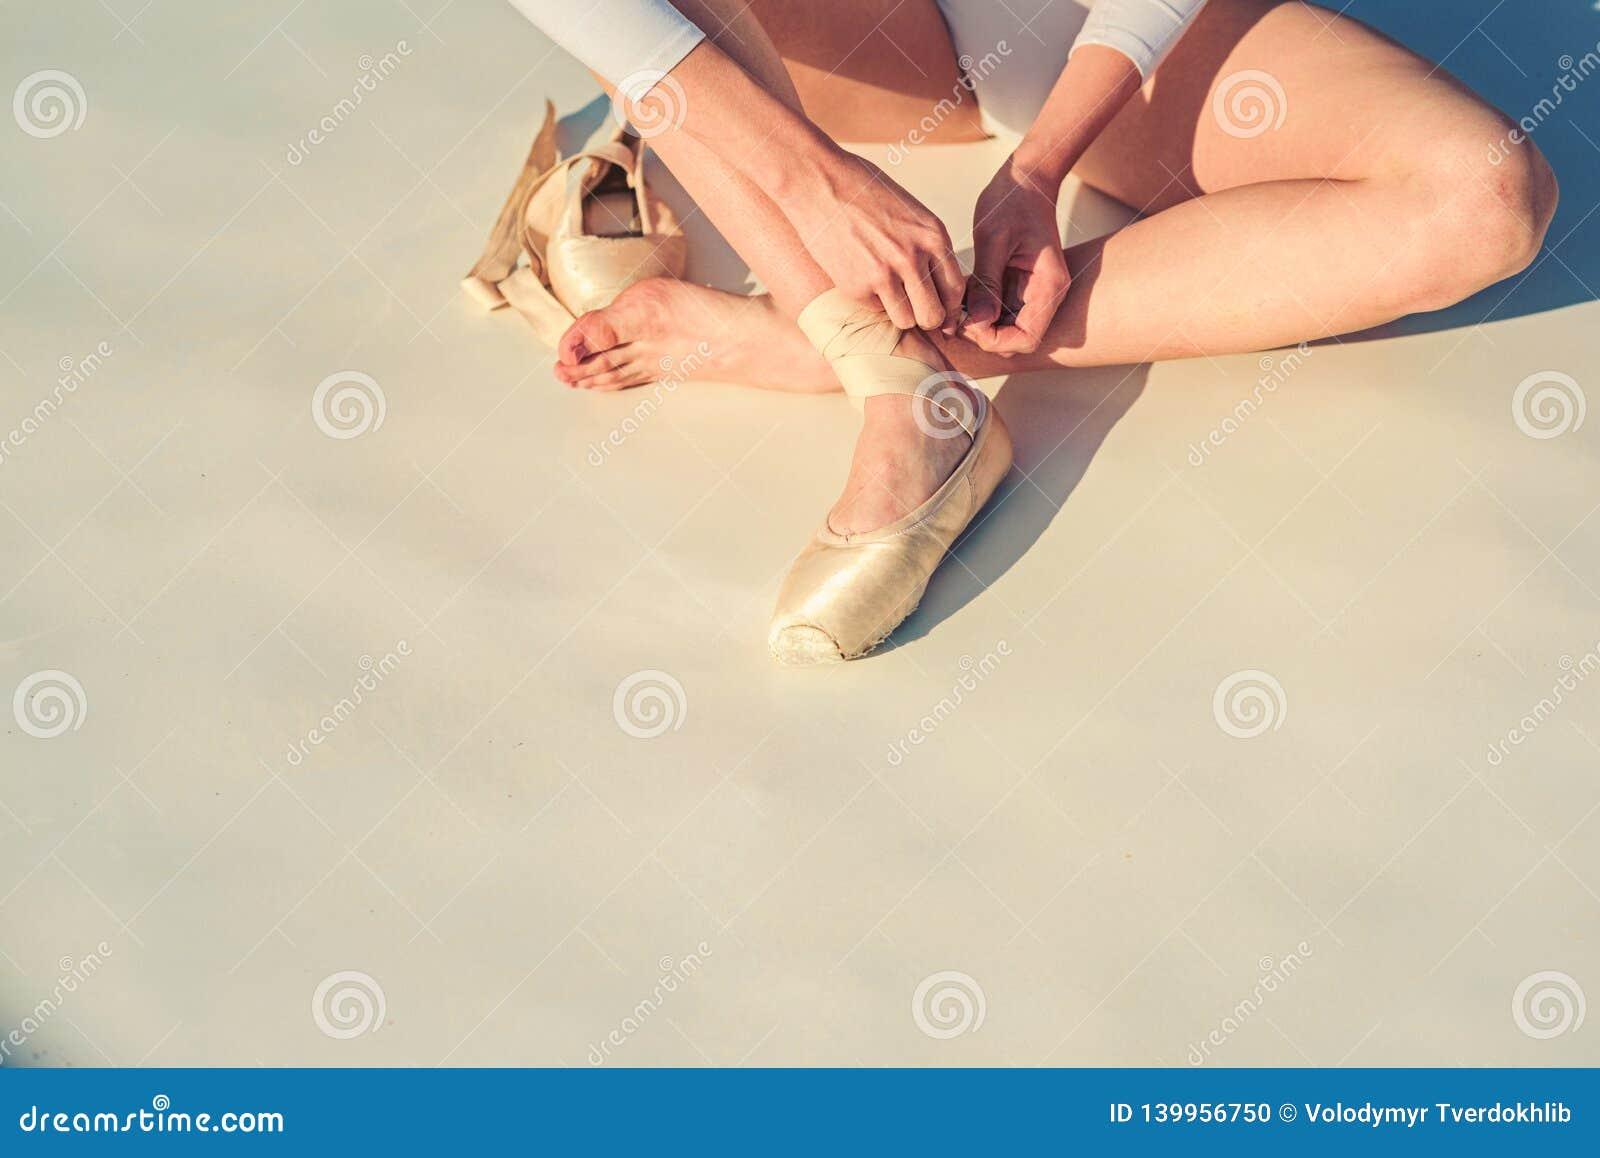 Baile en pointe Zapatos de la bailarina Piernas de la bailarina en los zapatos de ballet blancos Atadura de los deslizadores del